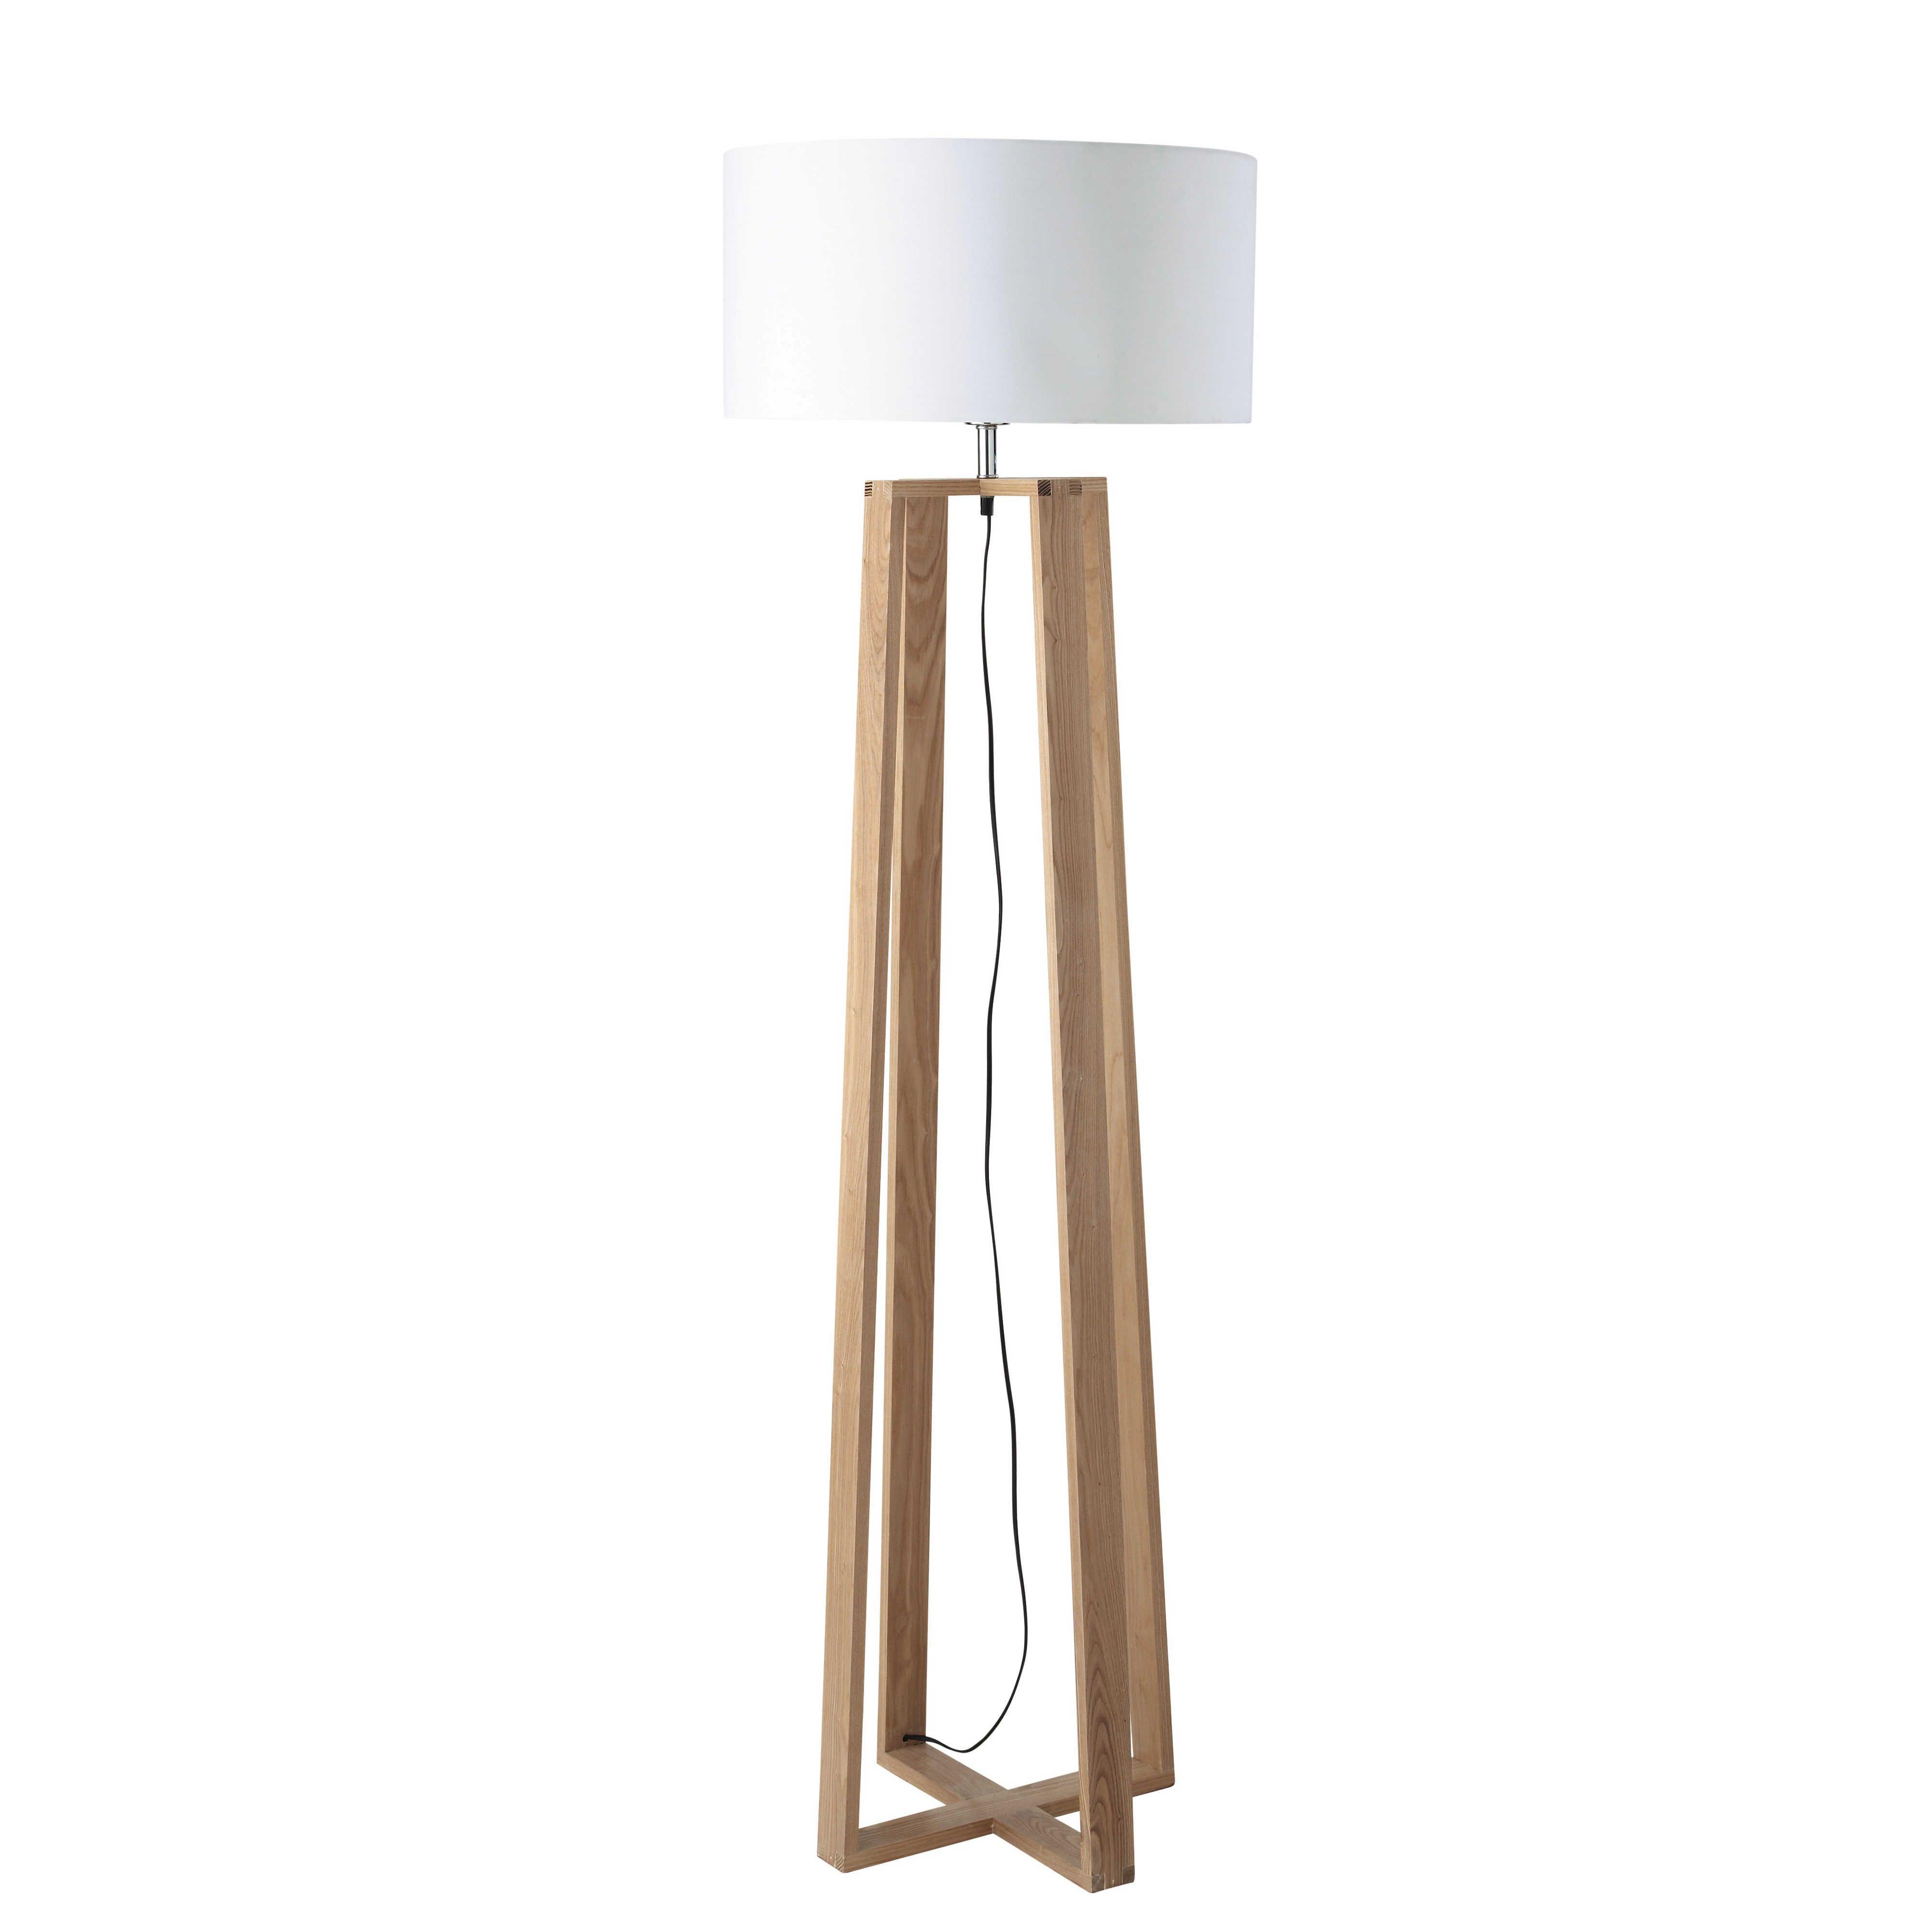 maisons du monde m bel dekoration leuchte und sofa inneneinrichtung beleuchtung. Black Bedroom Furniture Sets. Home Design Ideas